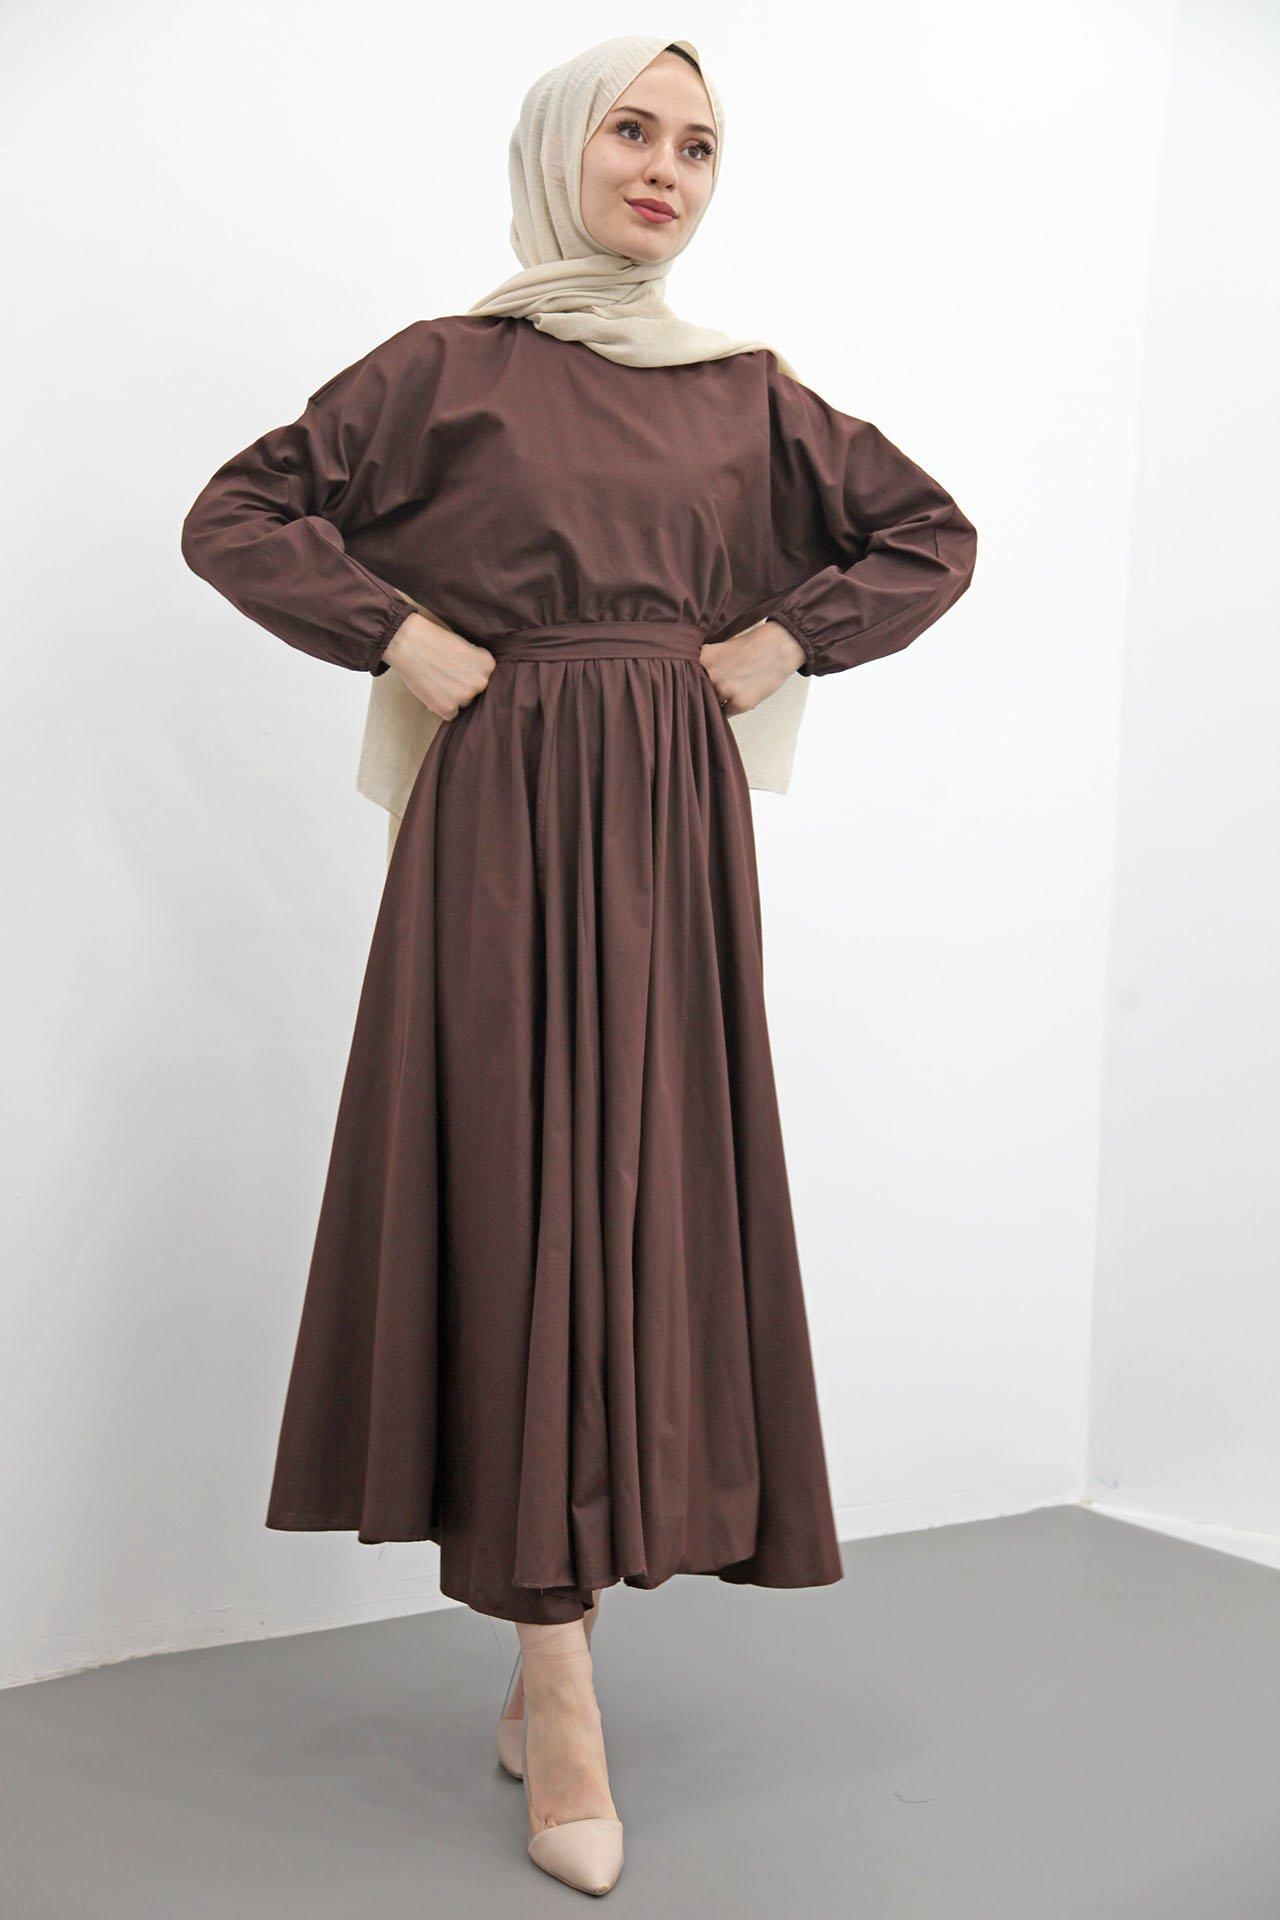 GİZAGİYİM - Giza Beli Lastikli Kloş Tesettür Elbise Kahverengi